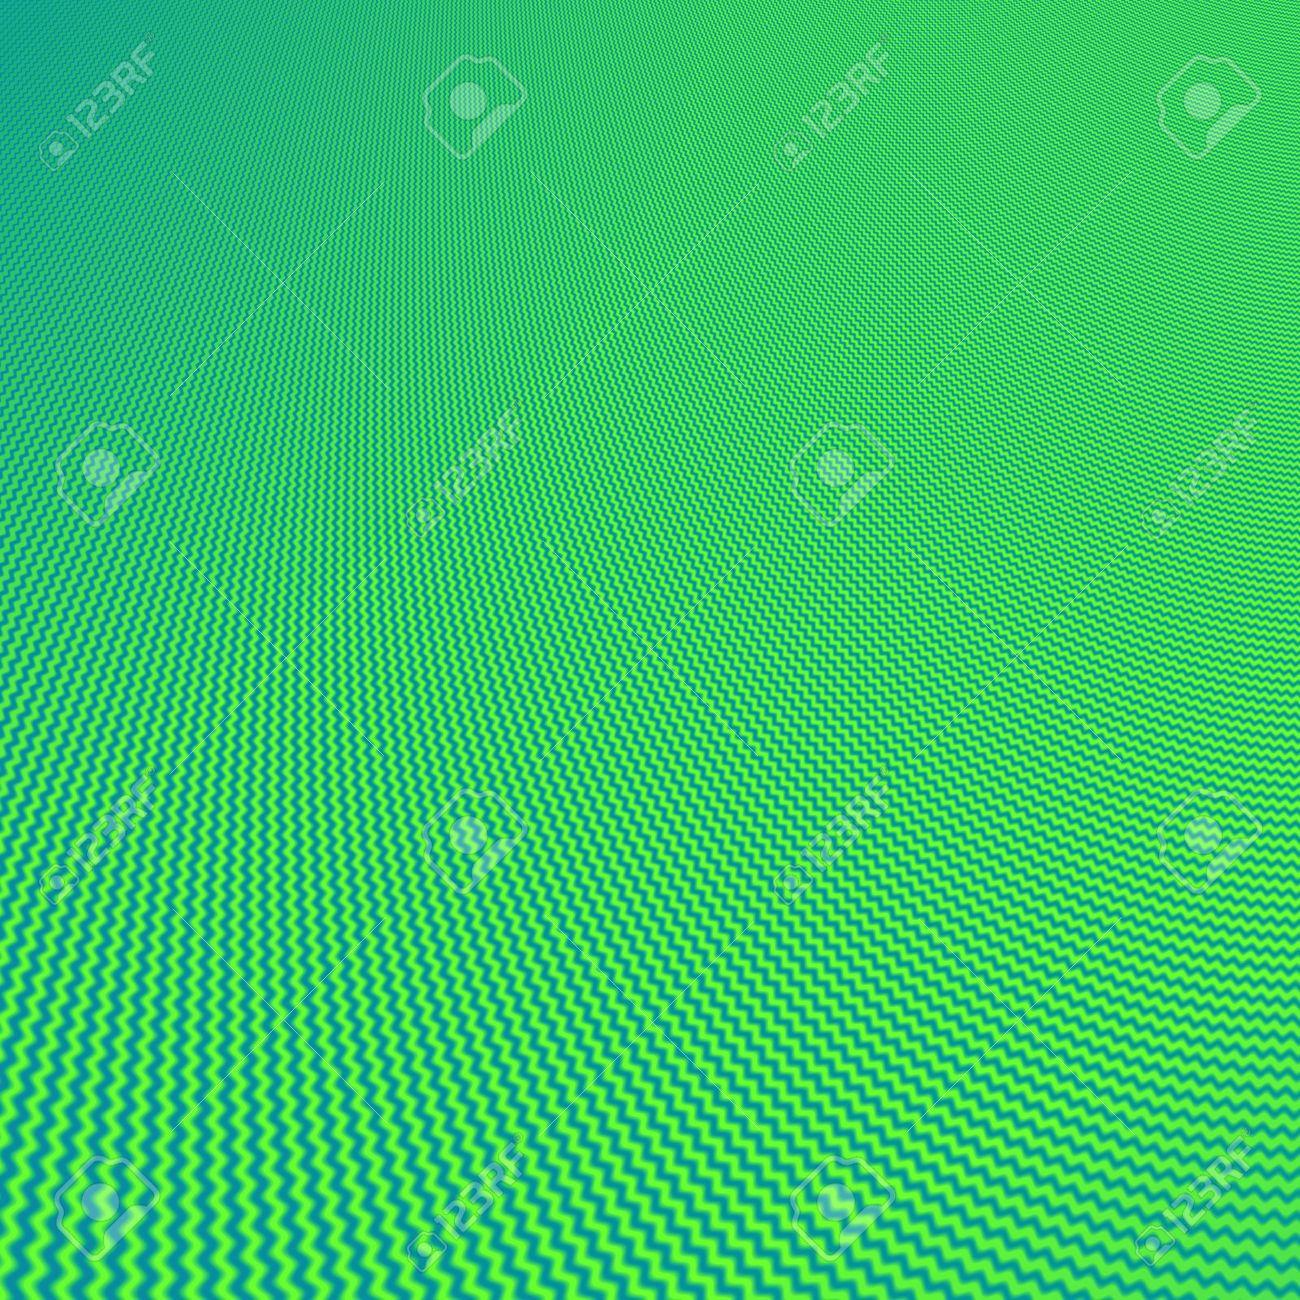 Abstract Verde E Azzurro Sullo Sfondo Frattale A Zig Zag Strisce Tema Anteprima Può Contenere Moire Non Esistente In Materia Di Foto Zoom